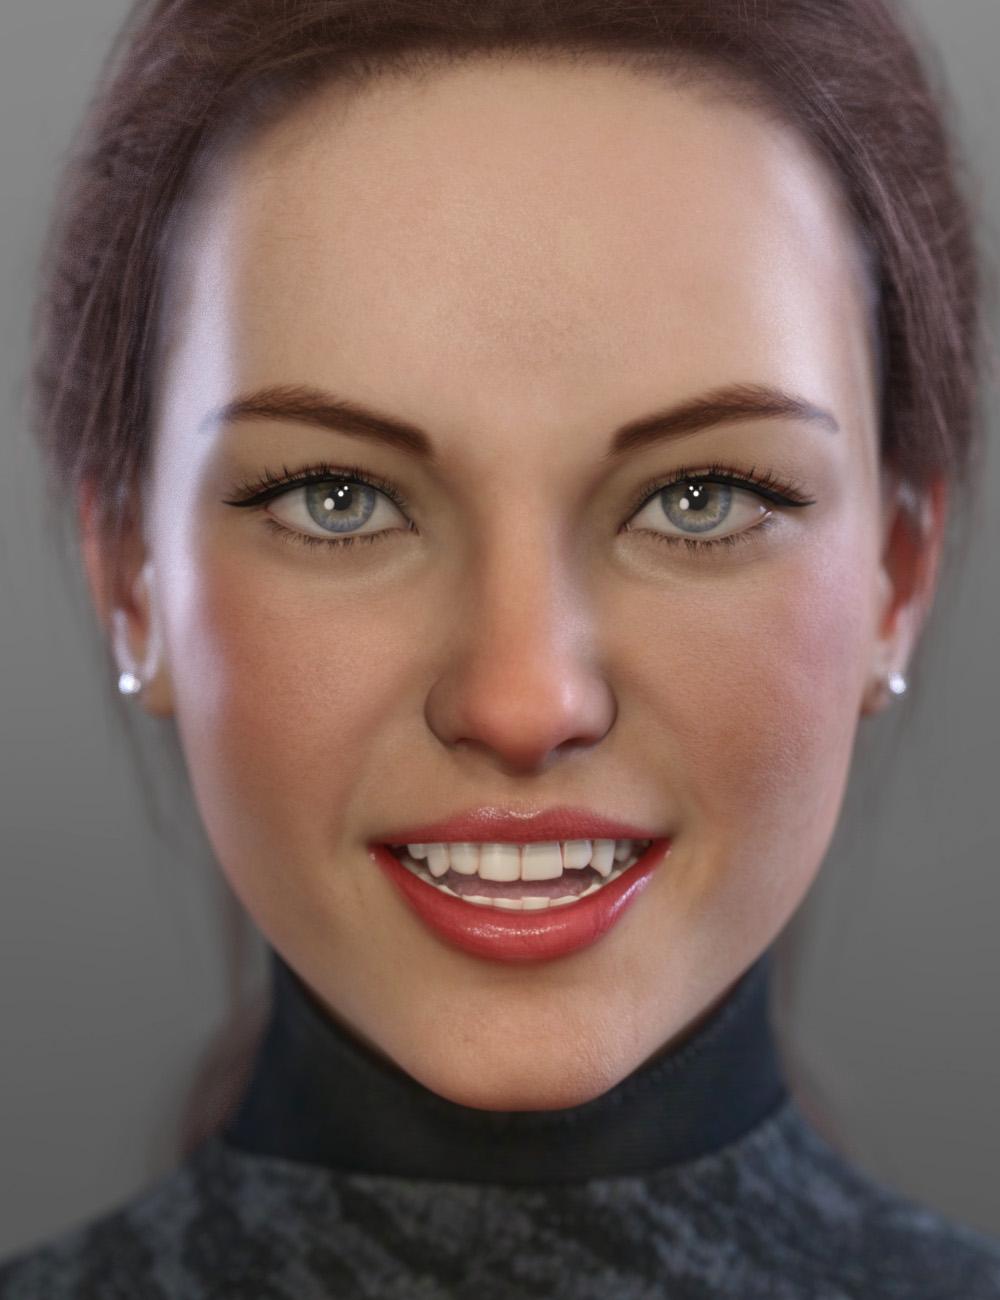 Ciel for Genesis 8 Female by: Cherubit, 3D Models by Daz 3D